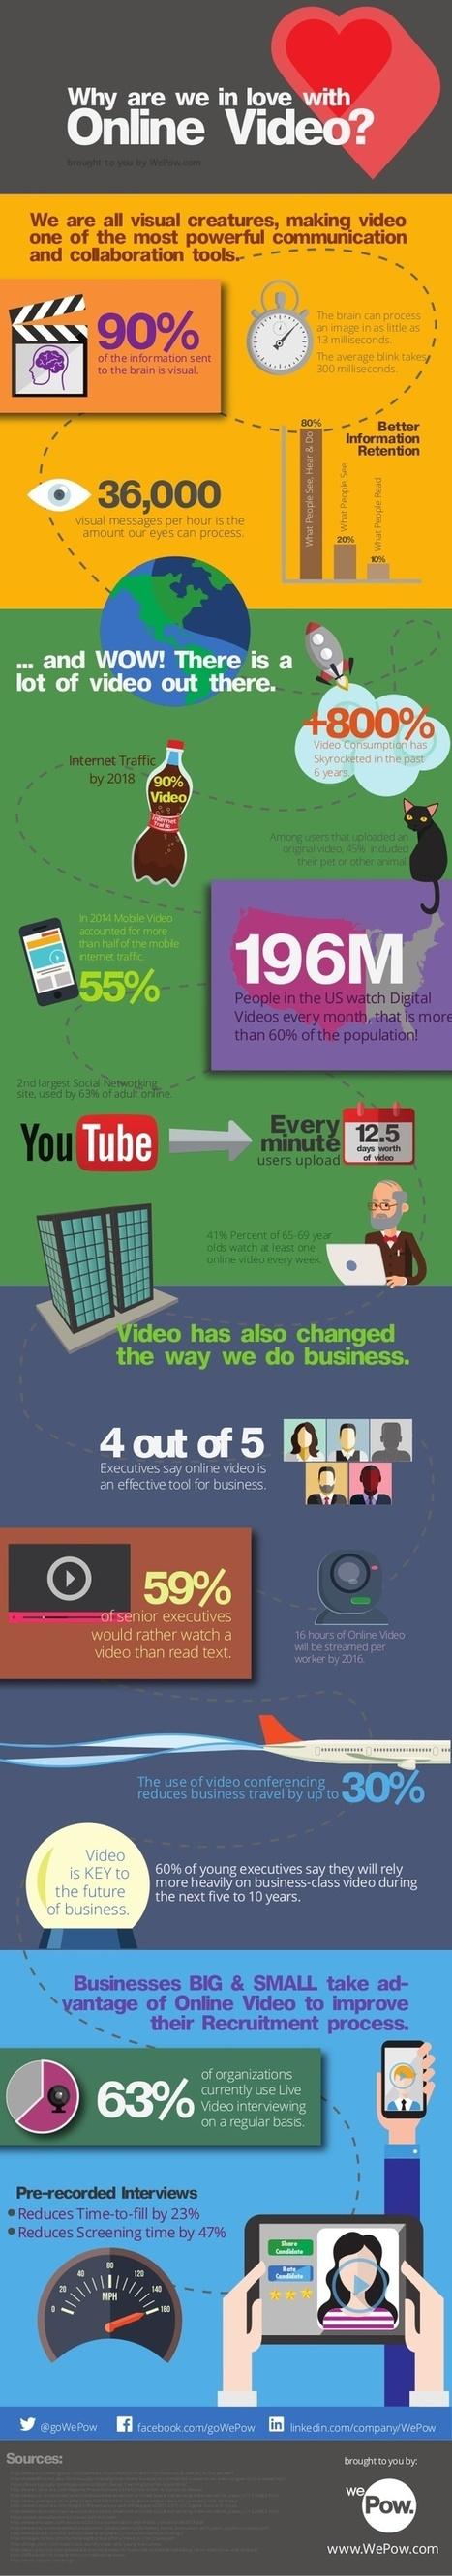 ¿Por qué adoramos el vídeo online? #infografia #infographic #socialmedia   Personal [e-]Learning Environments   Scoop.it